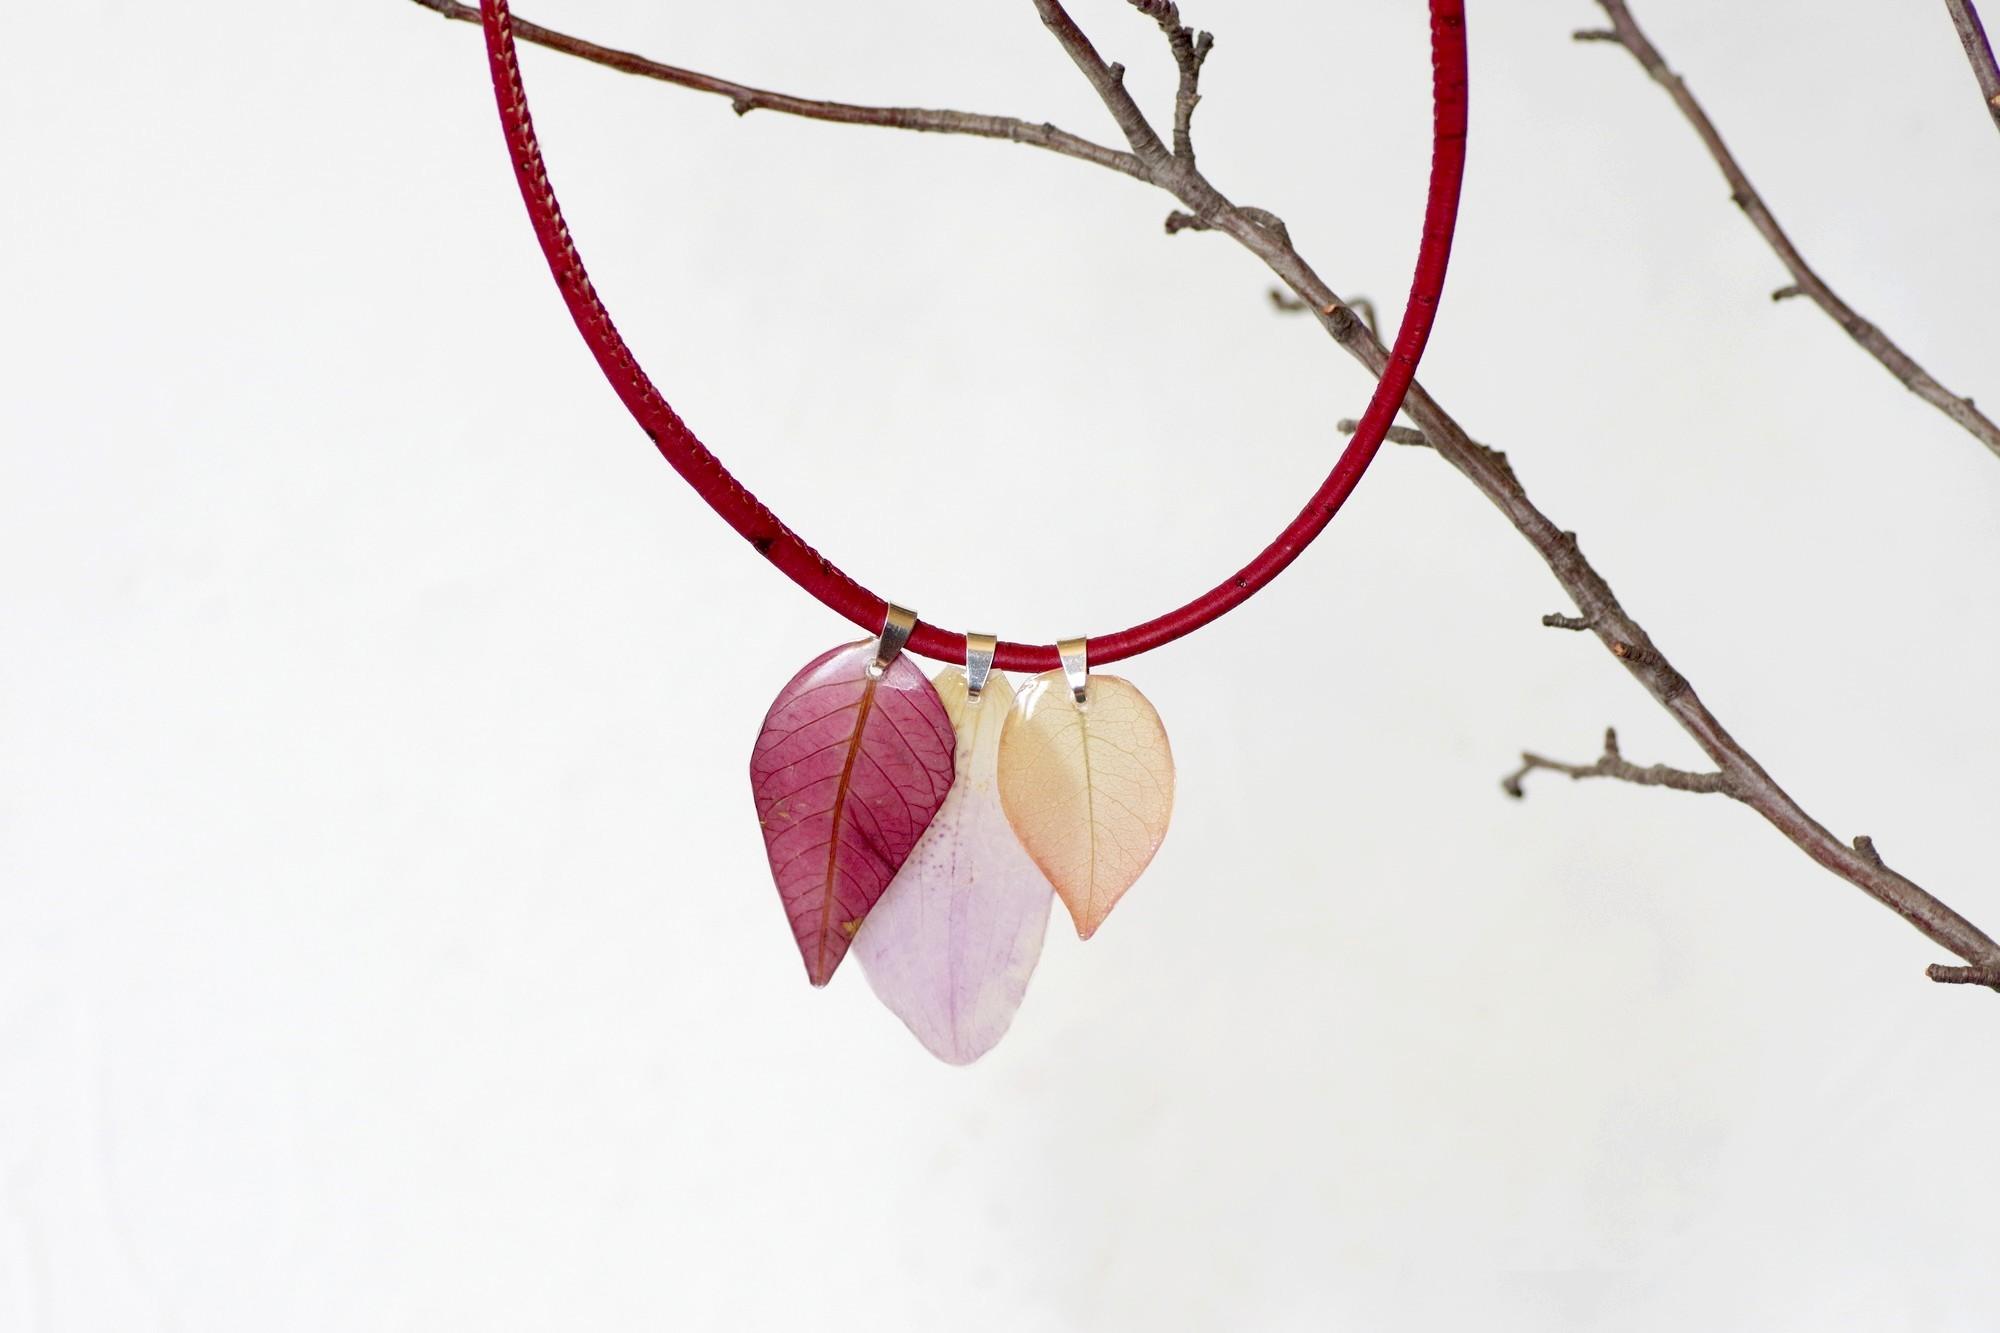 collier végétal : trois pendentifs pétales rose, saumon et pourpre sur un collier en liège rouge sombre